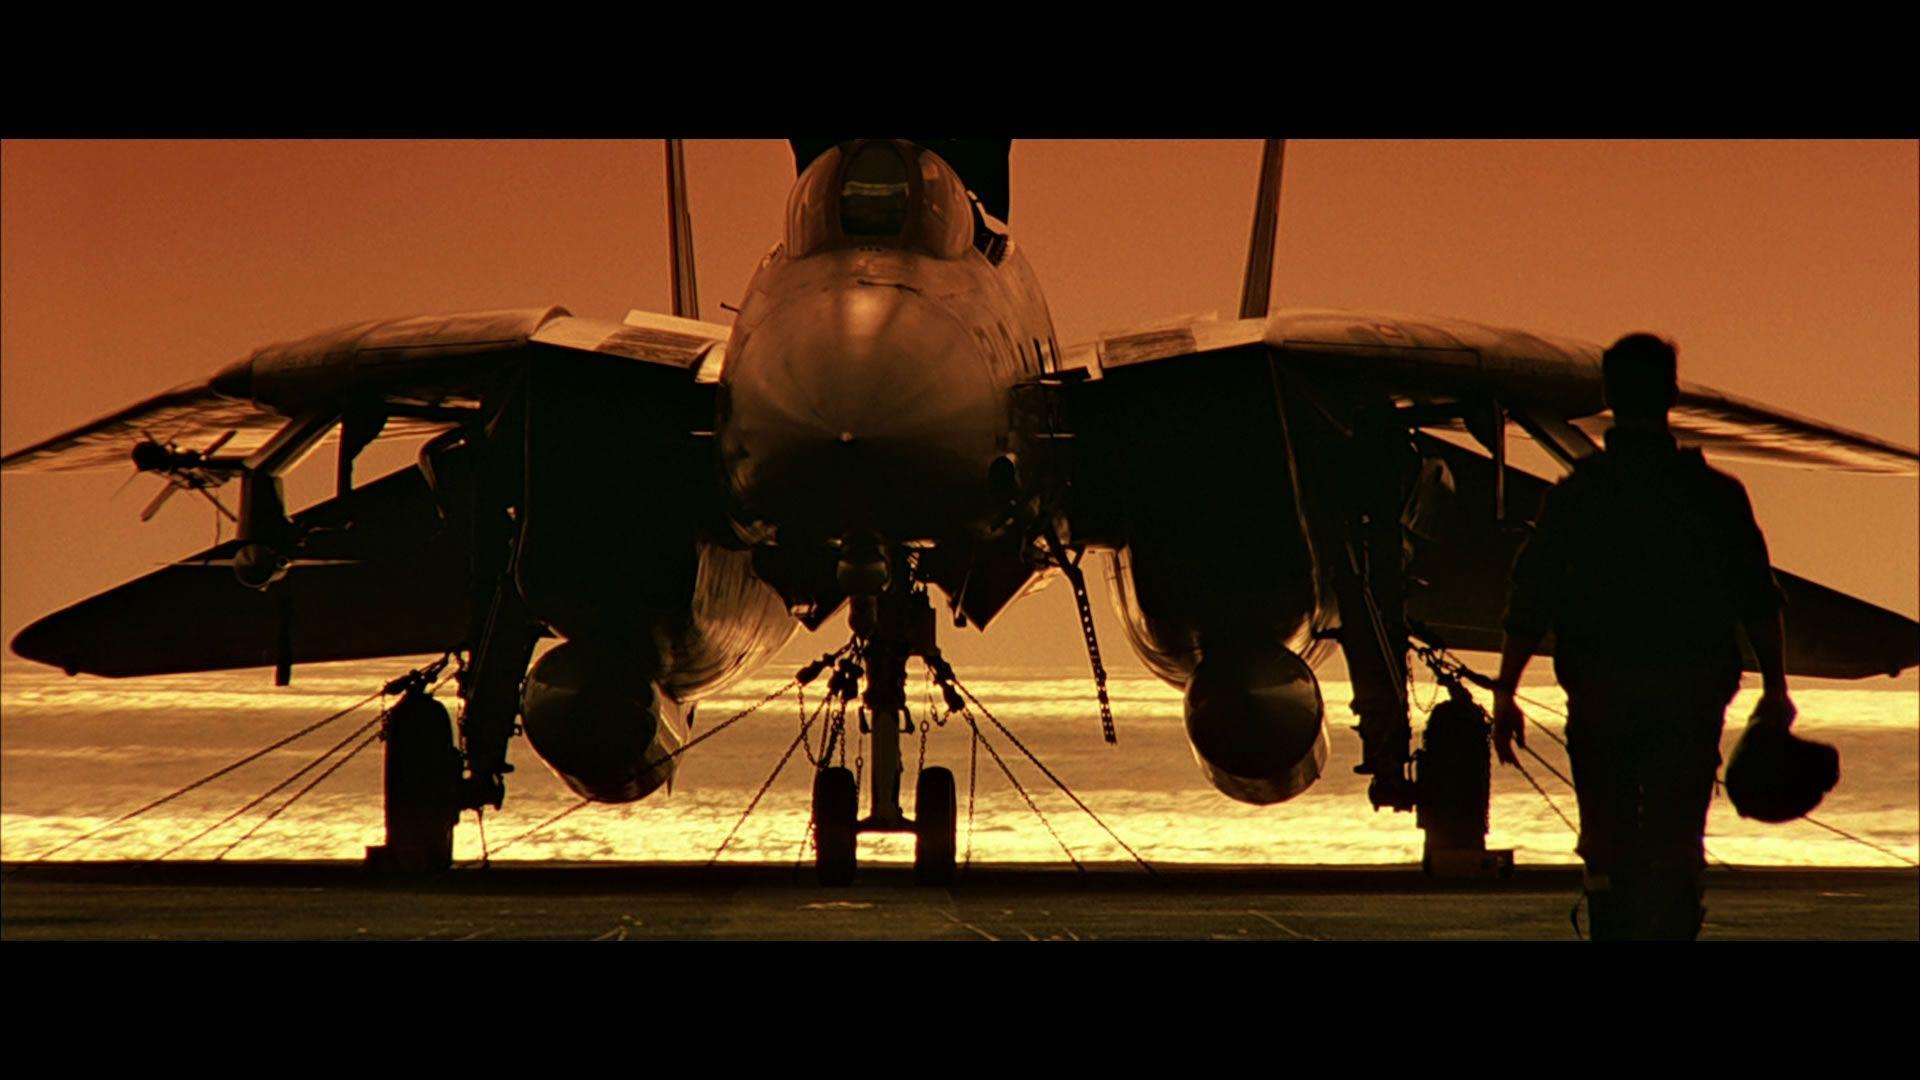 Top Gun Wallpaper Desktop Images & Pictures - Becuo